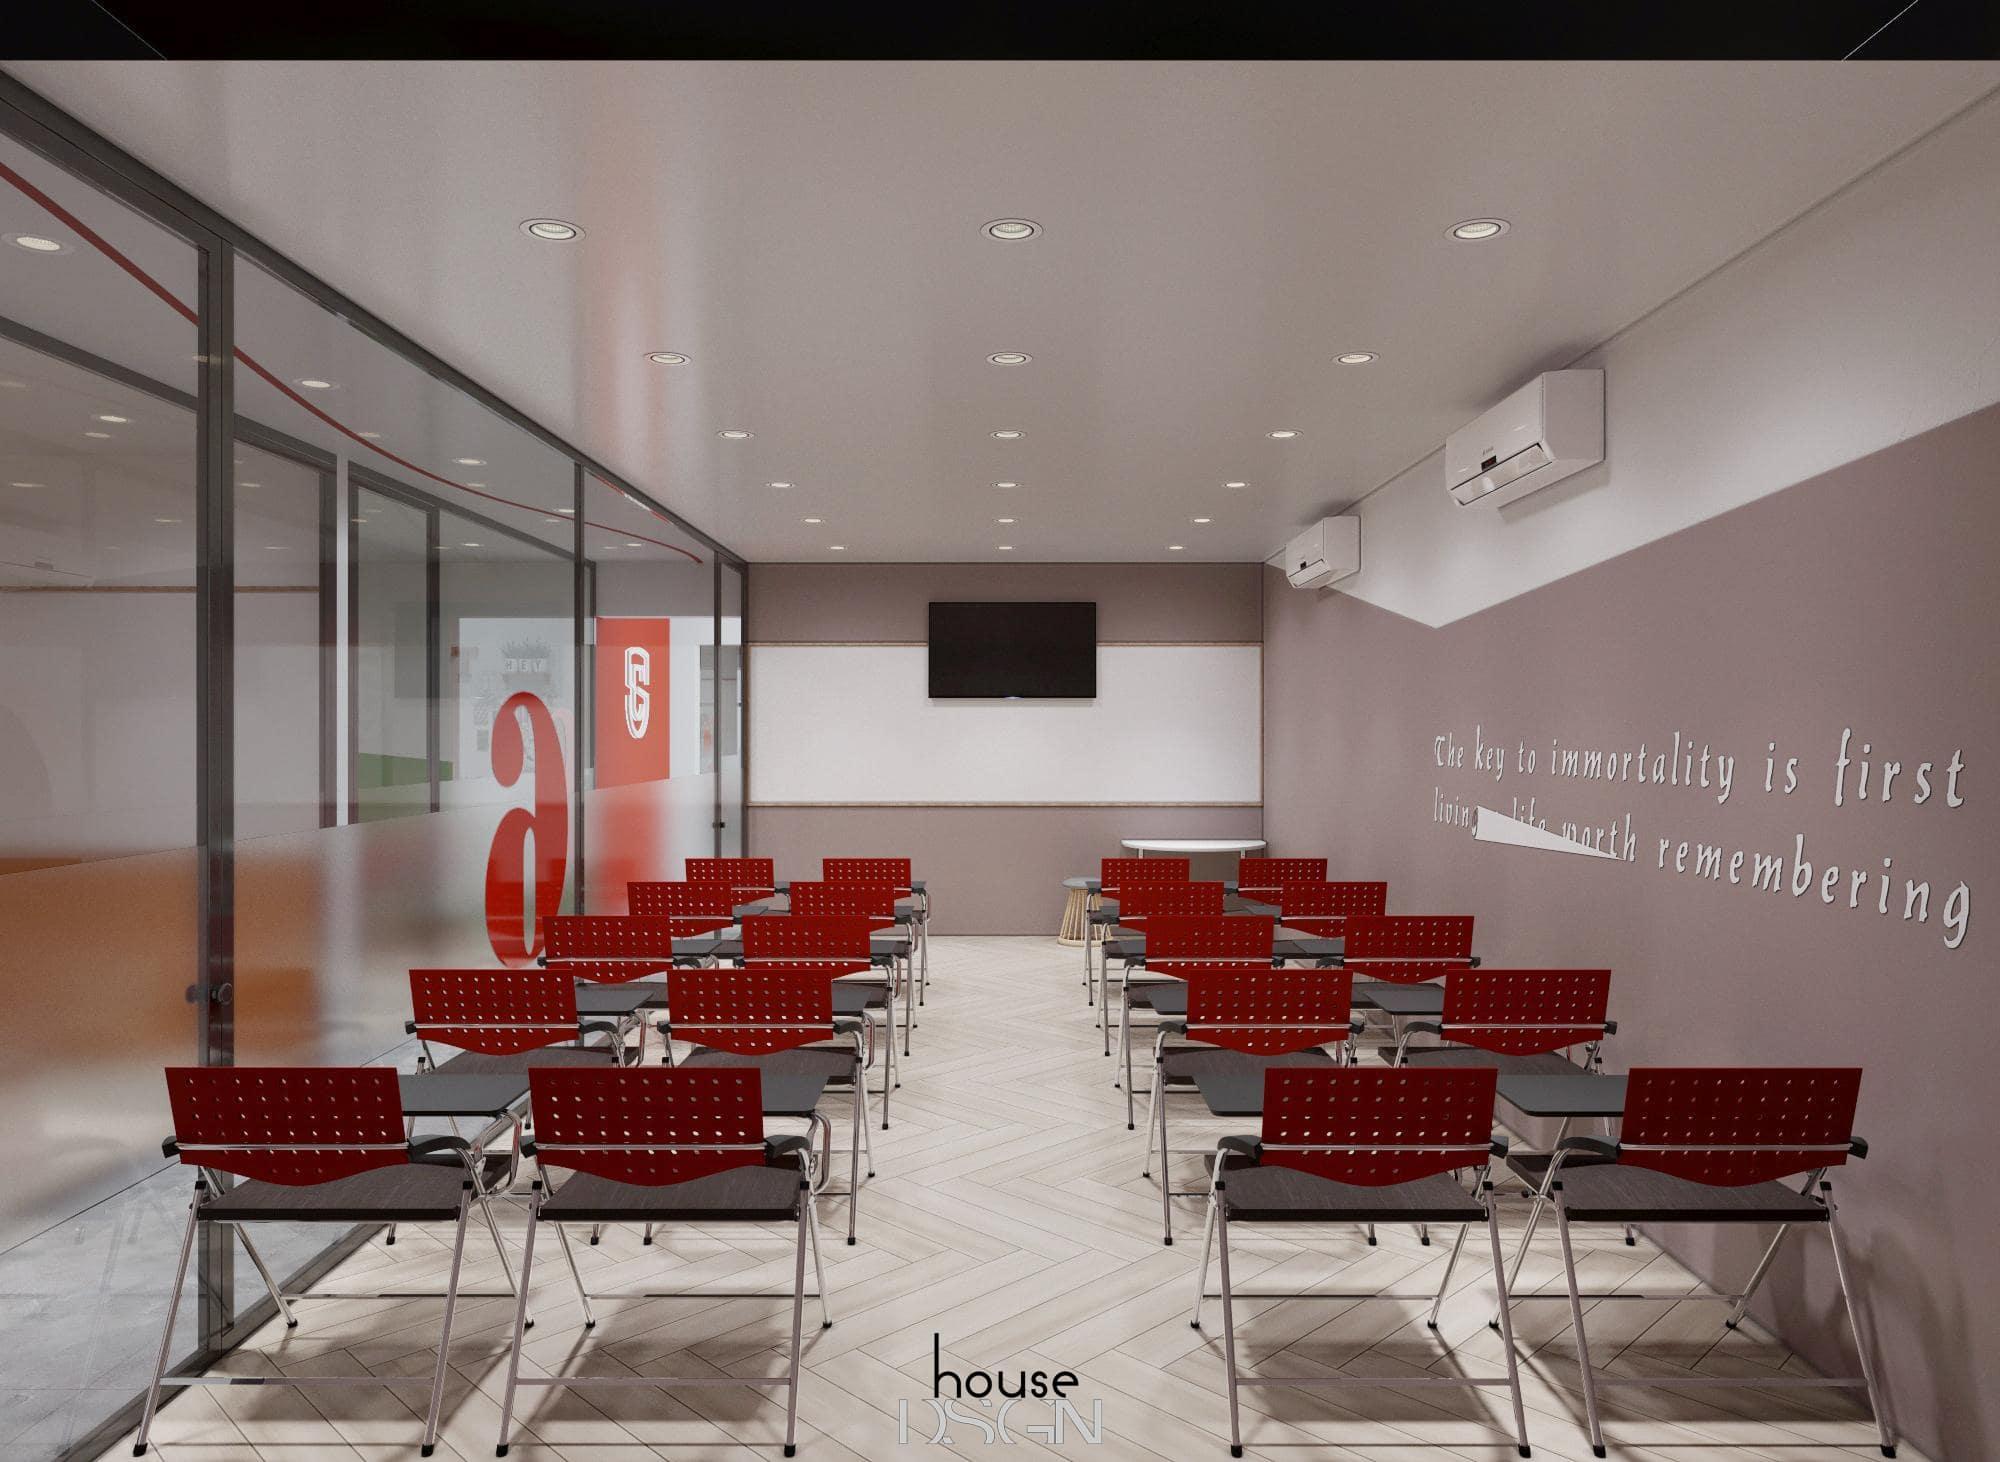 mẫu thiết kế nội thất văn phòng tphcm chuyên nghiệp